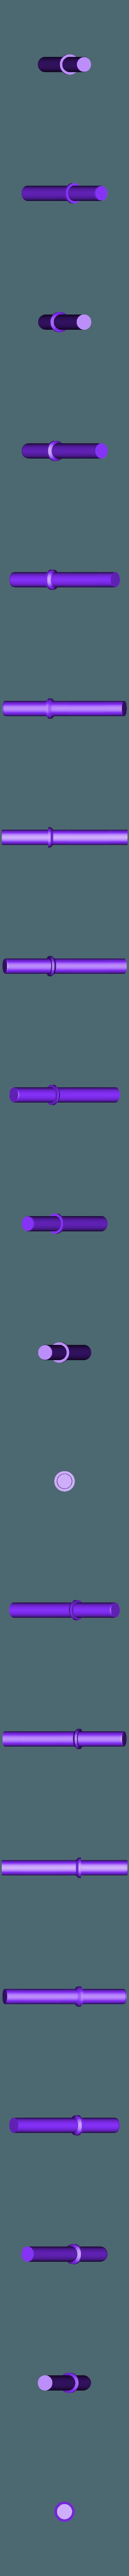 5_shaft_right.stl Télécharger fichier STL gratuit mini Wind-Up Boat Dual Drive - sans vis - impression complète en 3d • Plan imprimable en 3D, GreenDot